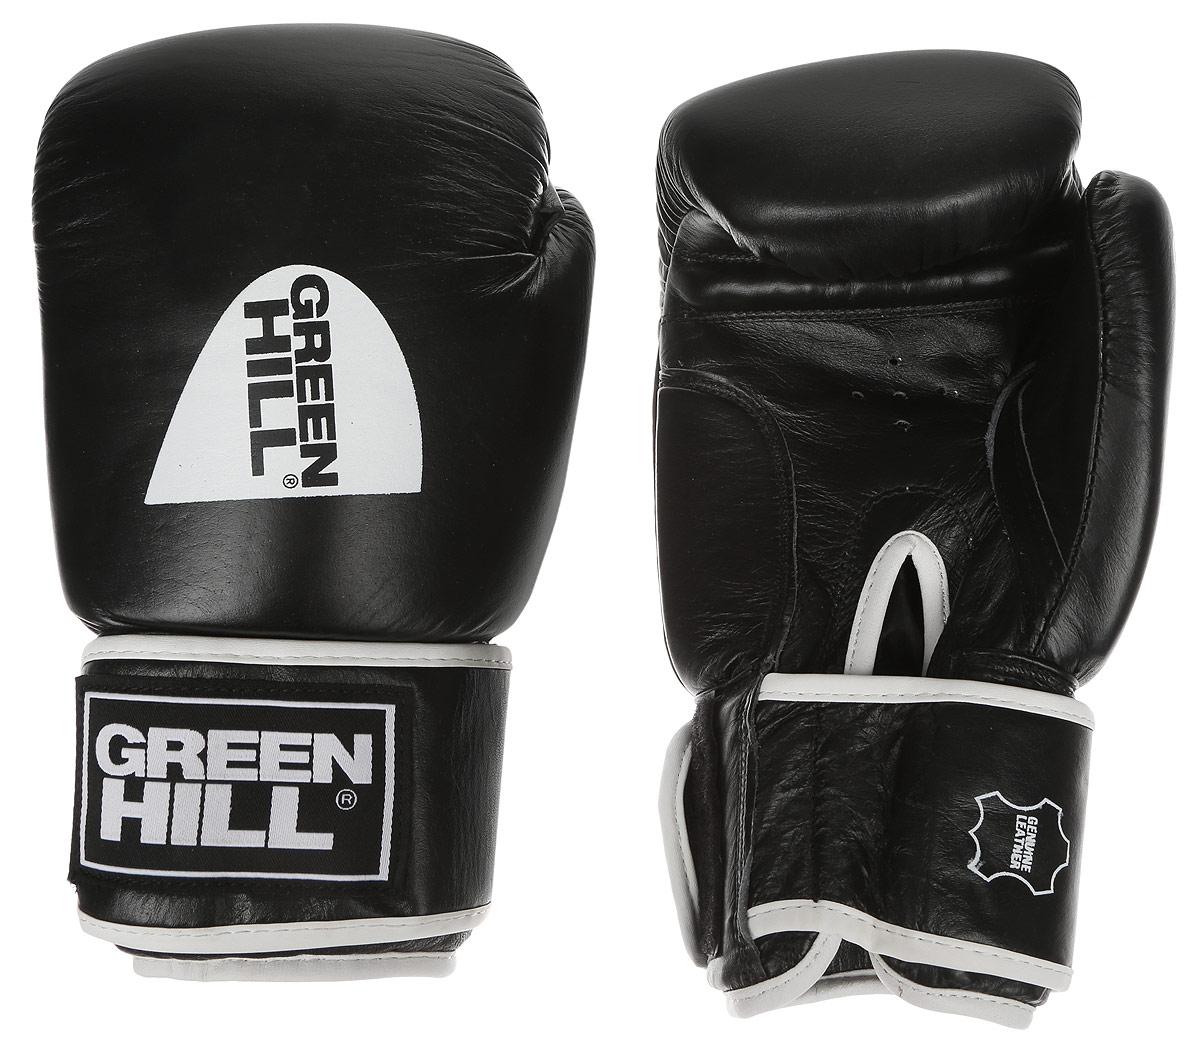 Перчатки боксерские Green Hill Gym, цвет: черный, белый. Вес 12 унцийG-2018312Боксерские перчатки Green Hill Gym подходят для всех видов единоборств где применяют перчатки. Подойдет как для бокса, так и для кикбоксинга. Новички и профессионалы высоко ценят эту модель за универсальность. Верхняя часть перчатки выполнена из натуральной кожи, наполнитель - пенополиуретан. Перфорированная поверхность в области ладони позволяет создать максимально комфортный терморежим во время занятий. Закрепляется на руке при помощи липучки.